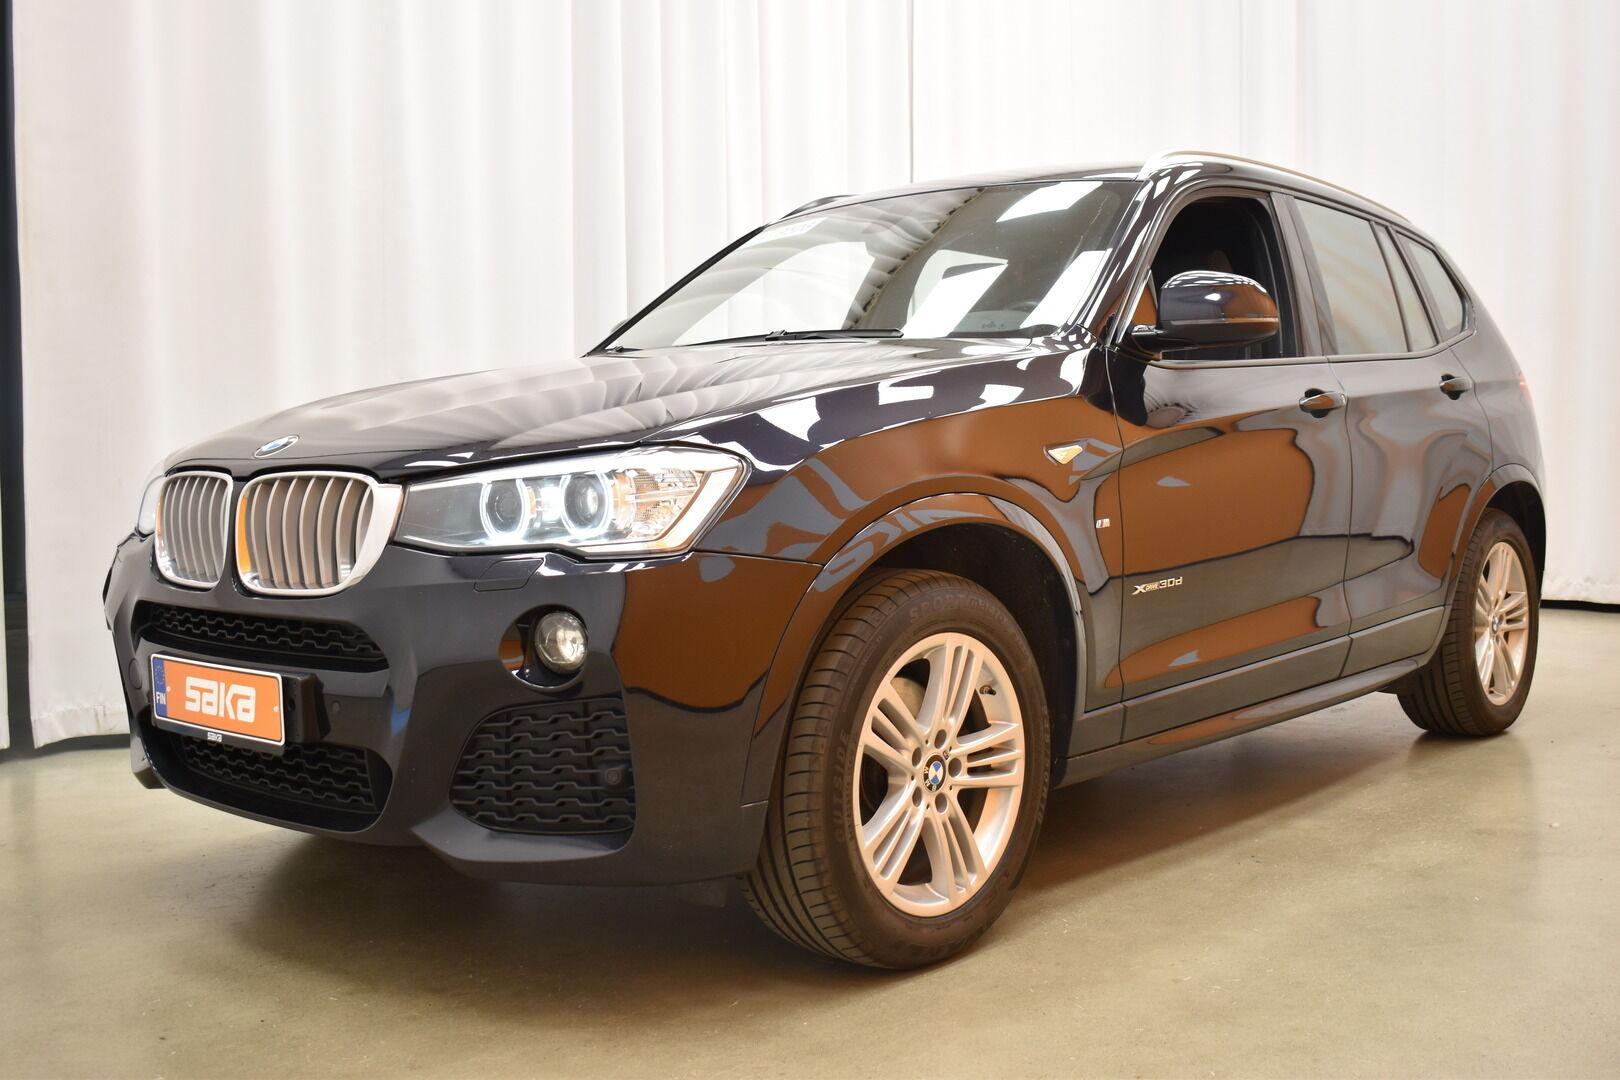 Musta Maastoauto, BMW X3 – OUL-28083, kuva 21